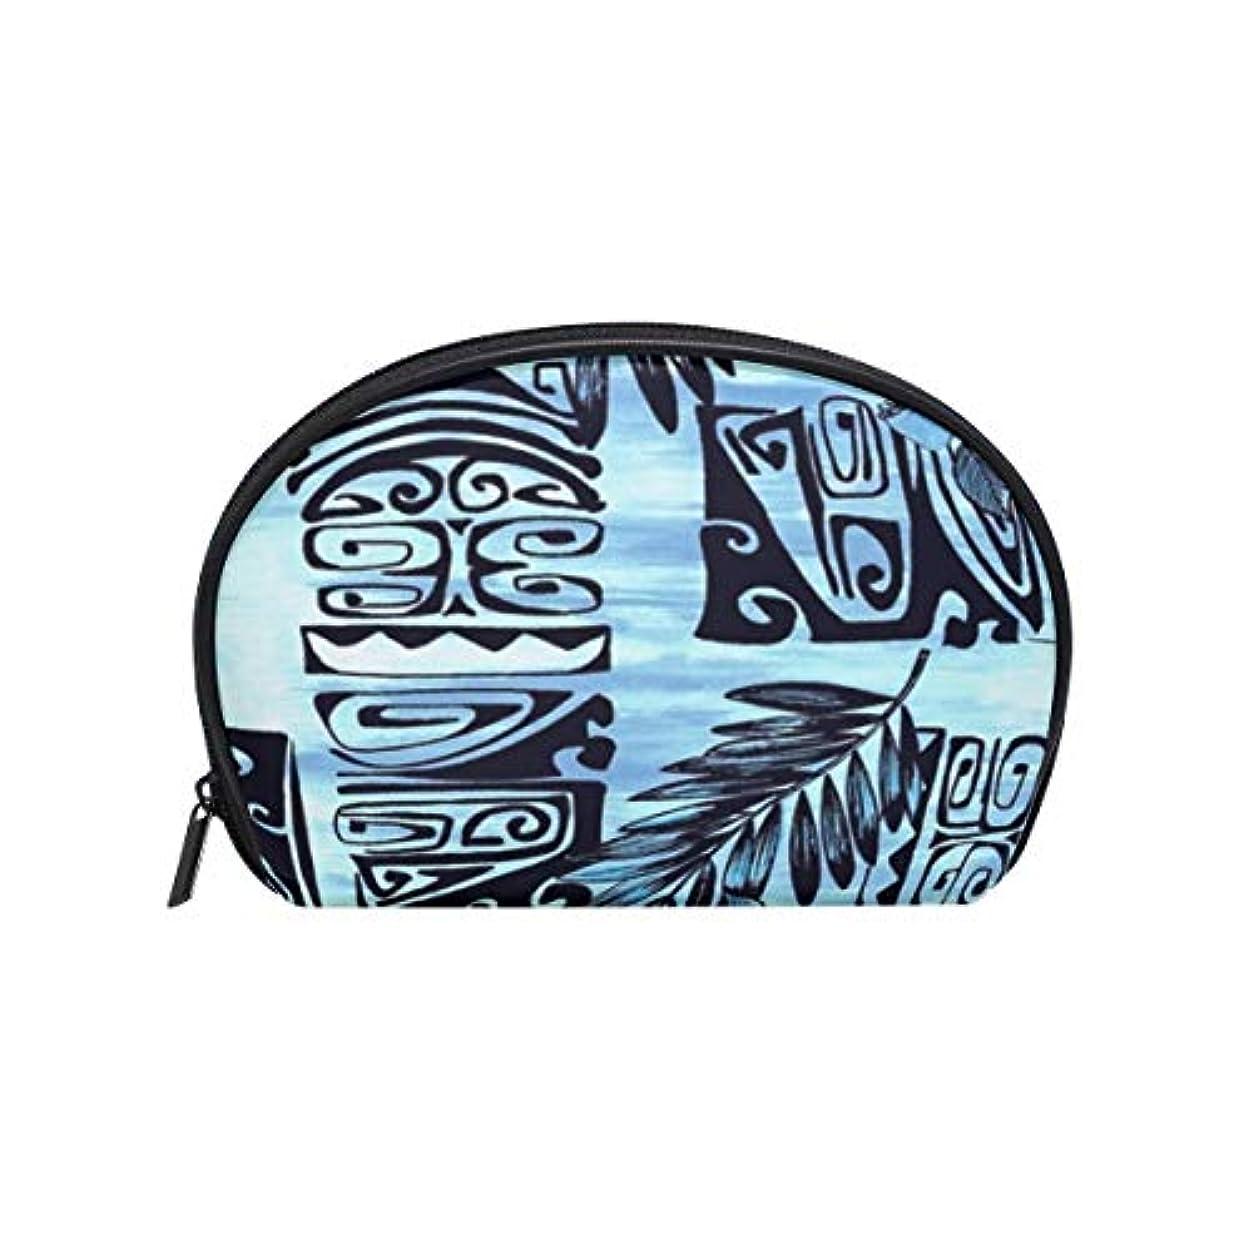 祝福代表しておもしろい半月形 化粧ポーチ ハワイアンハイビスカスブルーフローラル 化粧品 大容量収納 メイクポーチ ポーチ 旅行 出張 仕事 [並行輸入品]